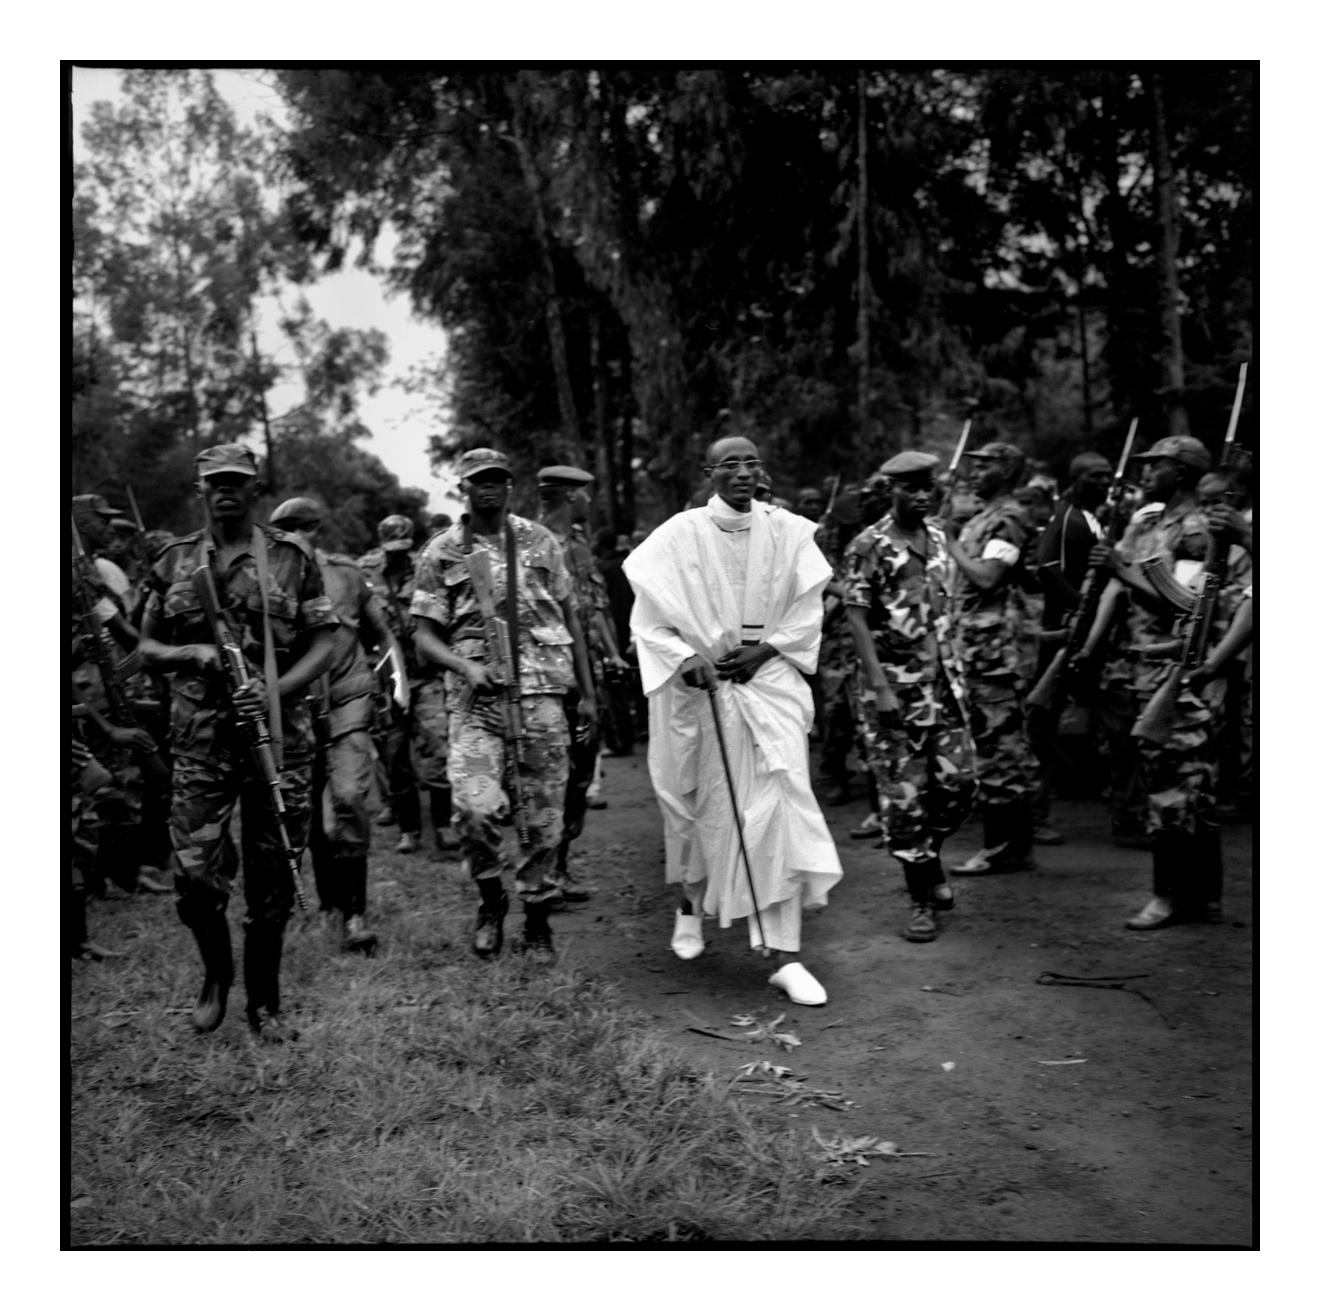 General Laurent Nkunda Congo's main rebel leader